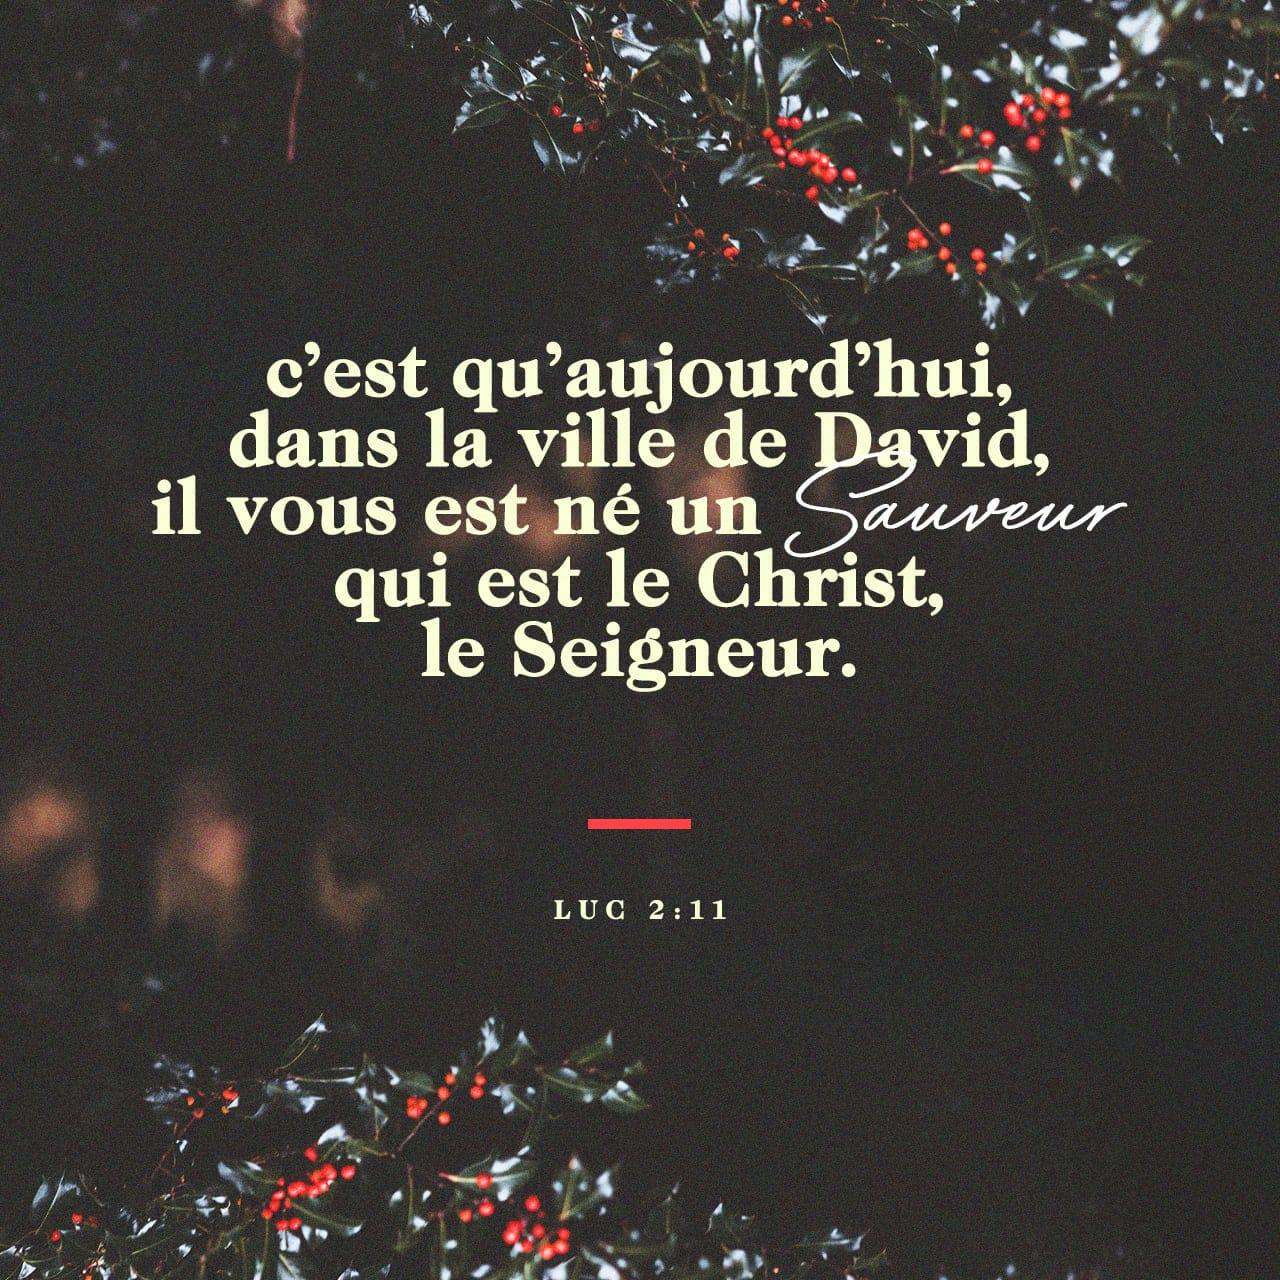 Aujourd'hui, dans la ville de David, un Sauveur vous est né. - Luc 2:11 - Image illustré